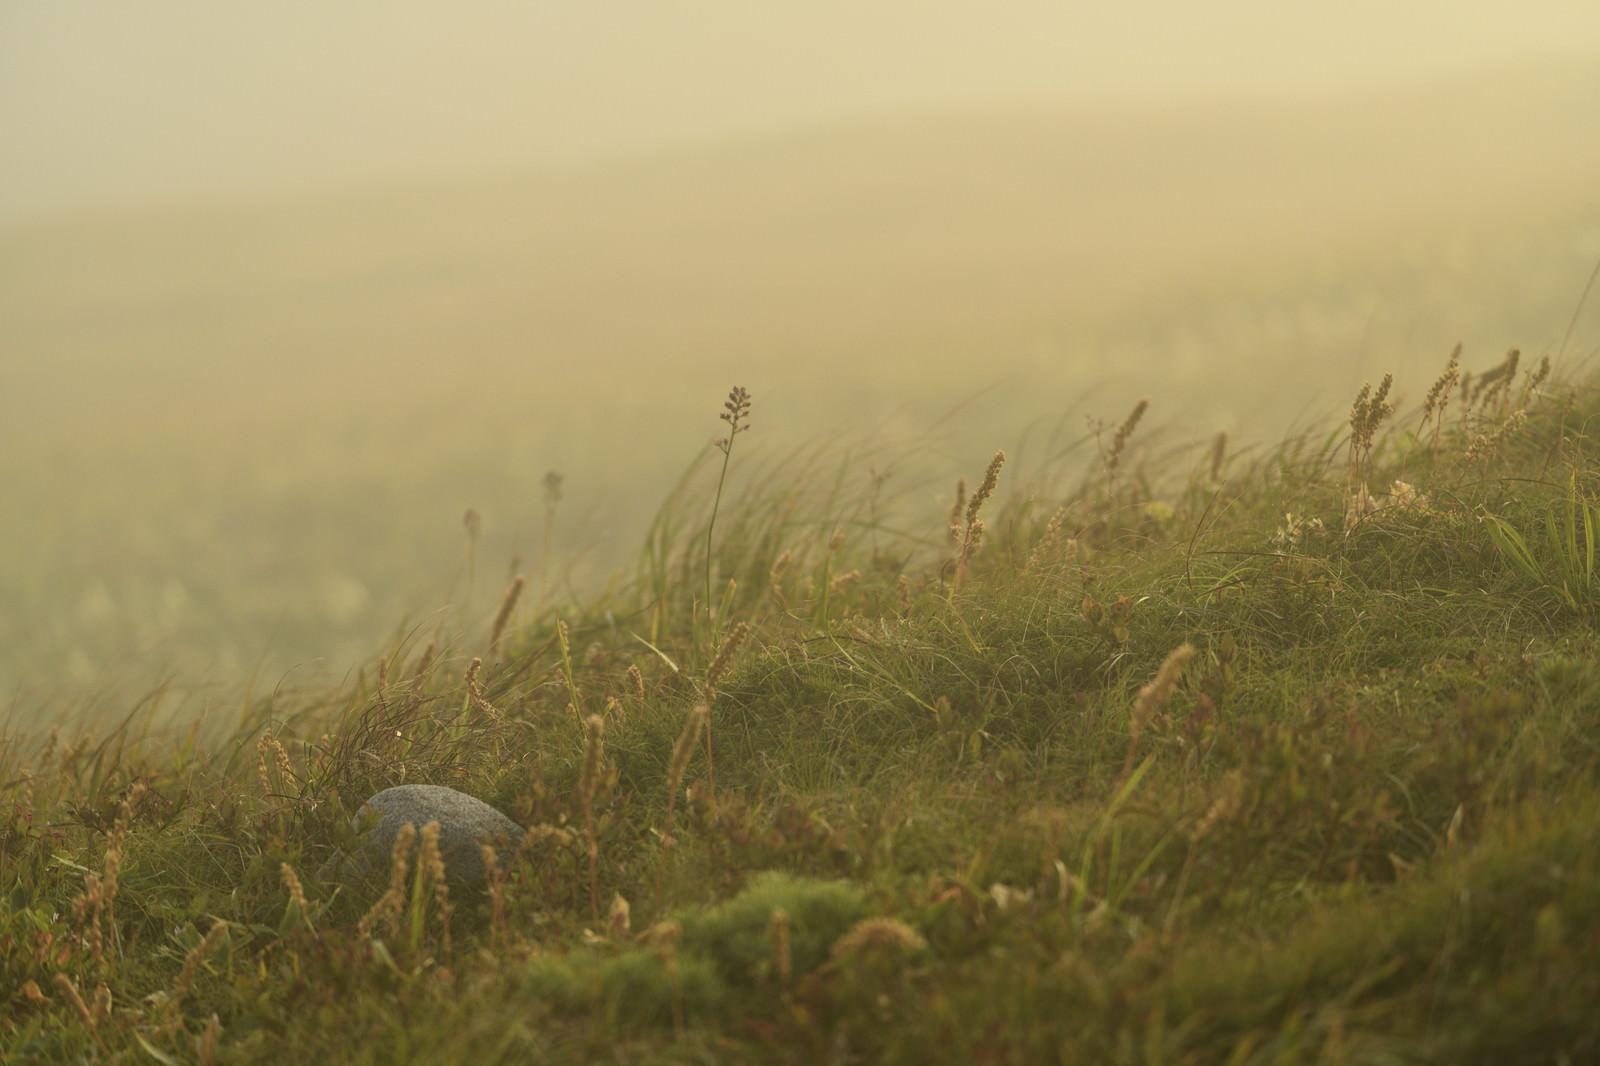 「夕暮れを待つ高山植物」の写真